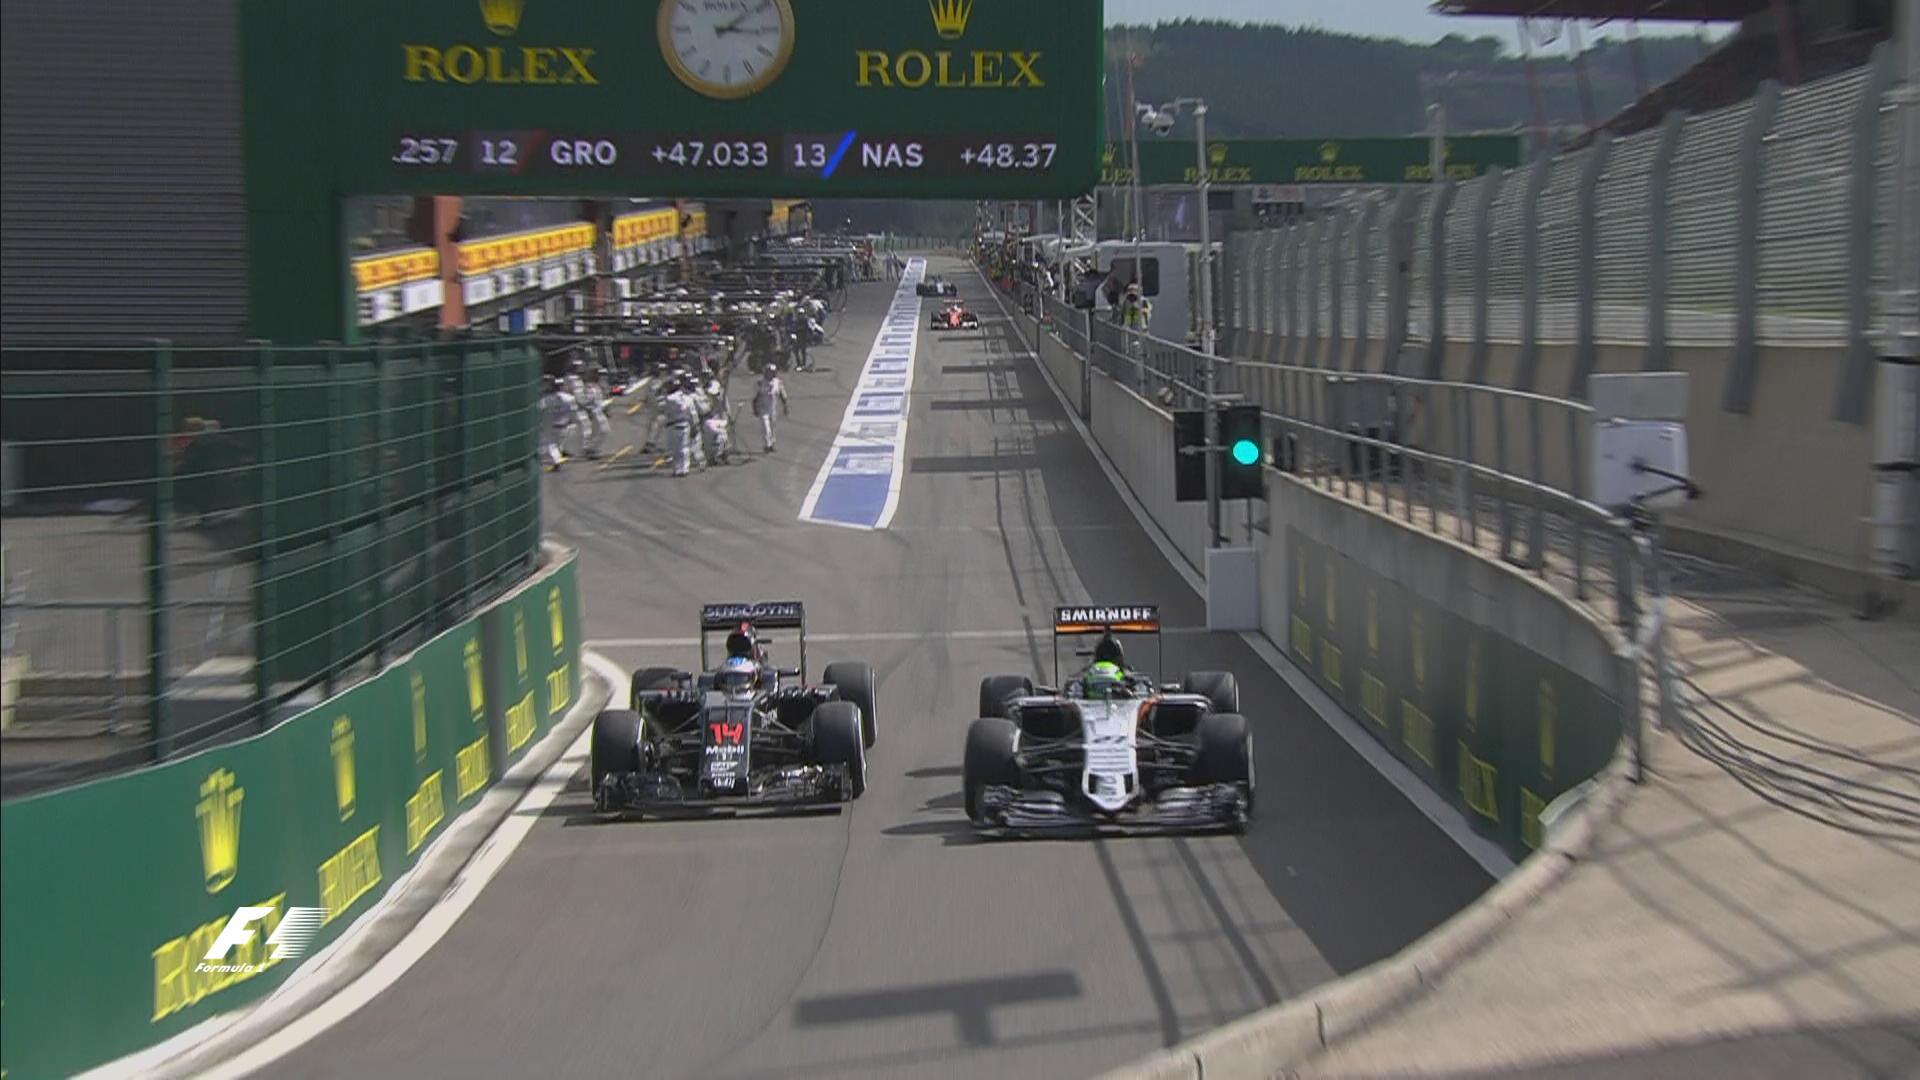 Disputado até nos boxes, Alonso e Hülkenberg fizeram ótimas corridas.